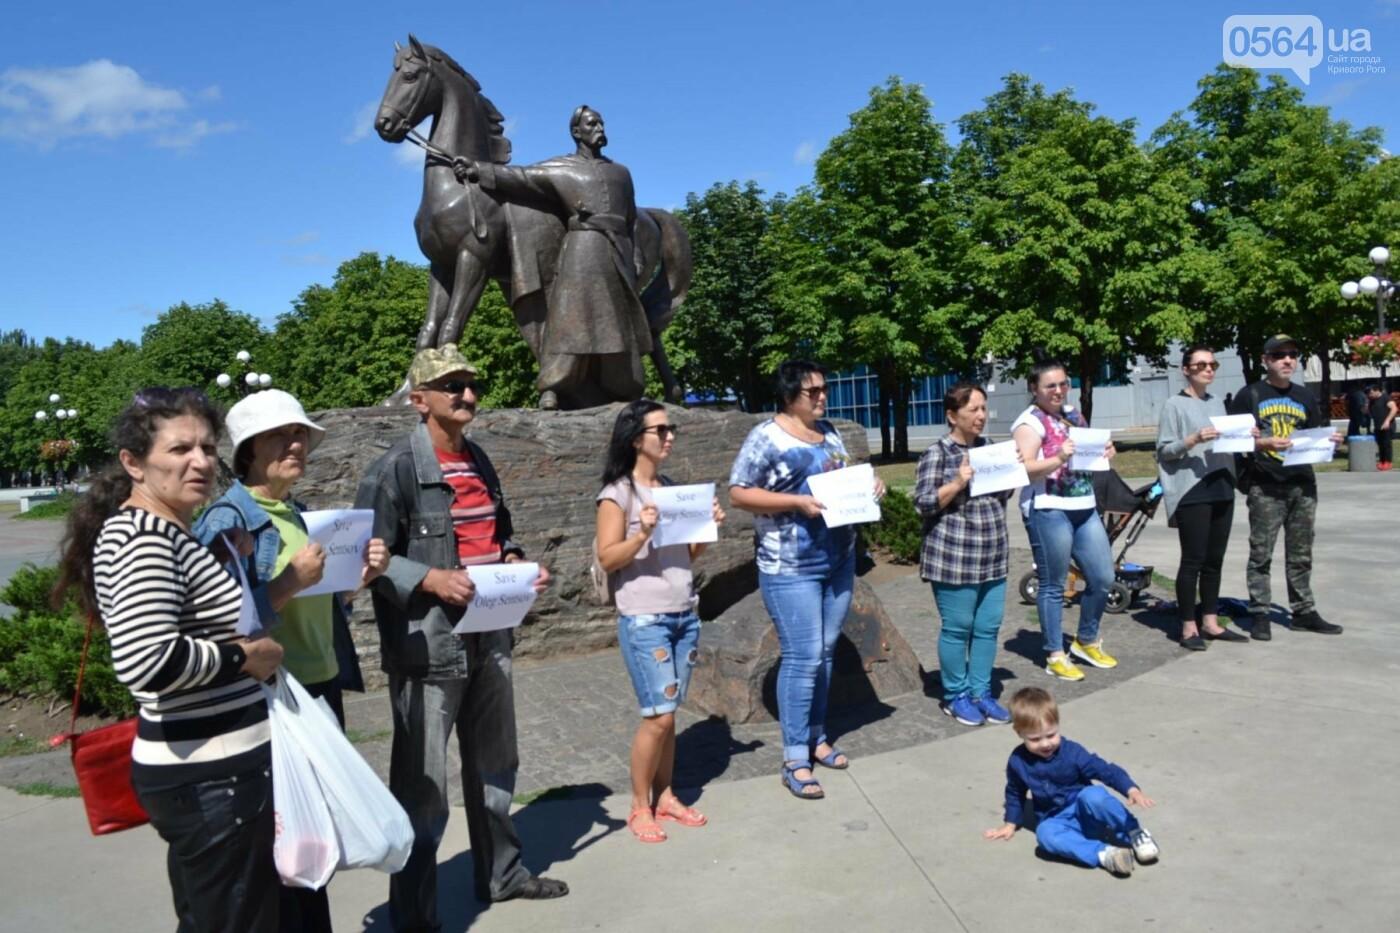 Криворожане вышли на всемирную акцию FreeSentsov, - ФОТО, ВИДЕО, фото-18